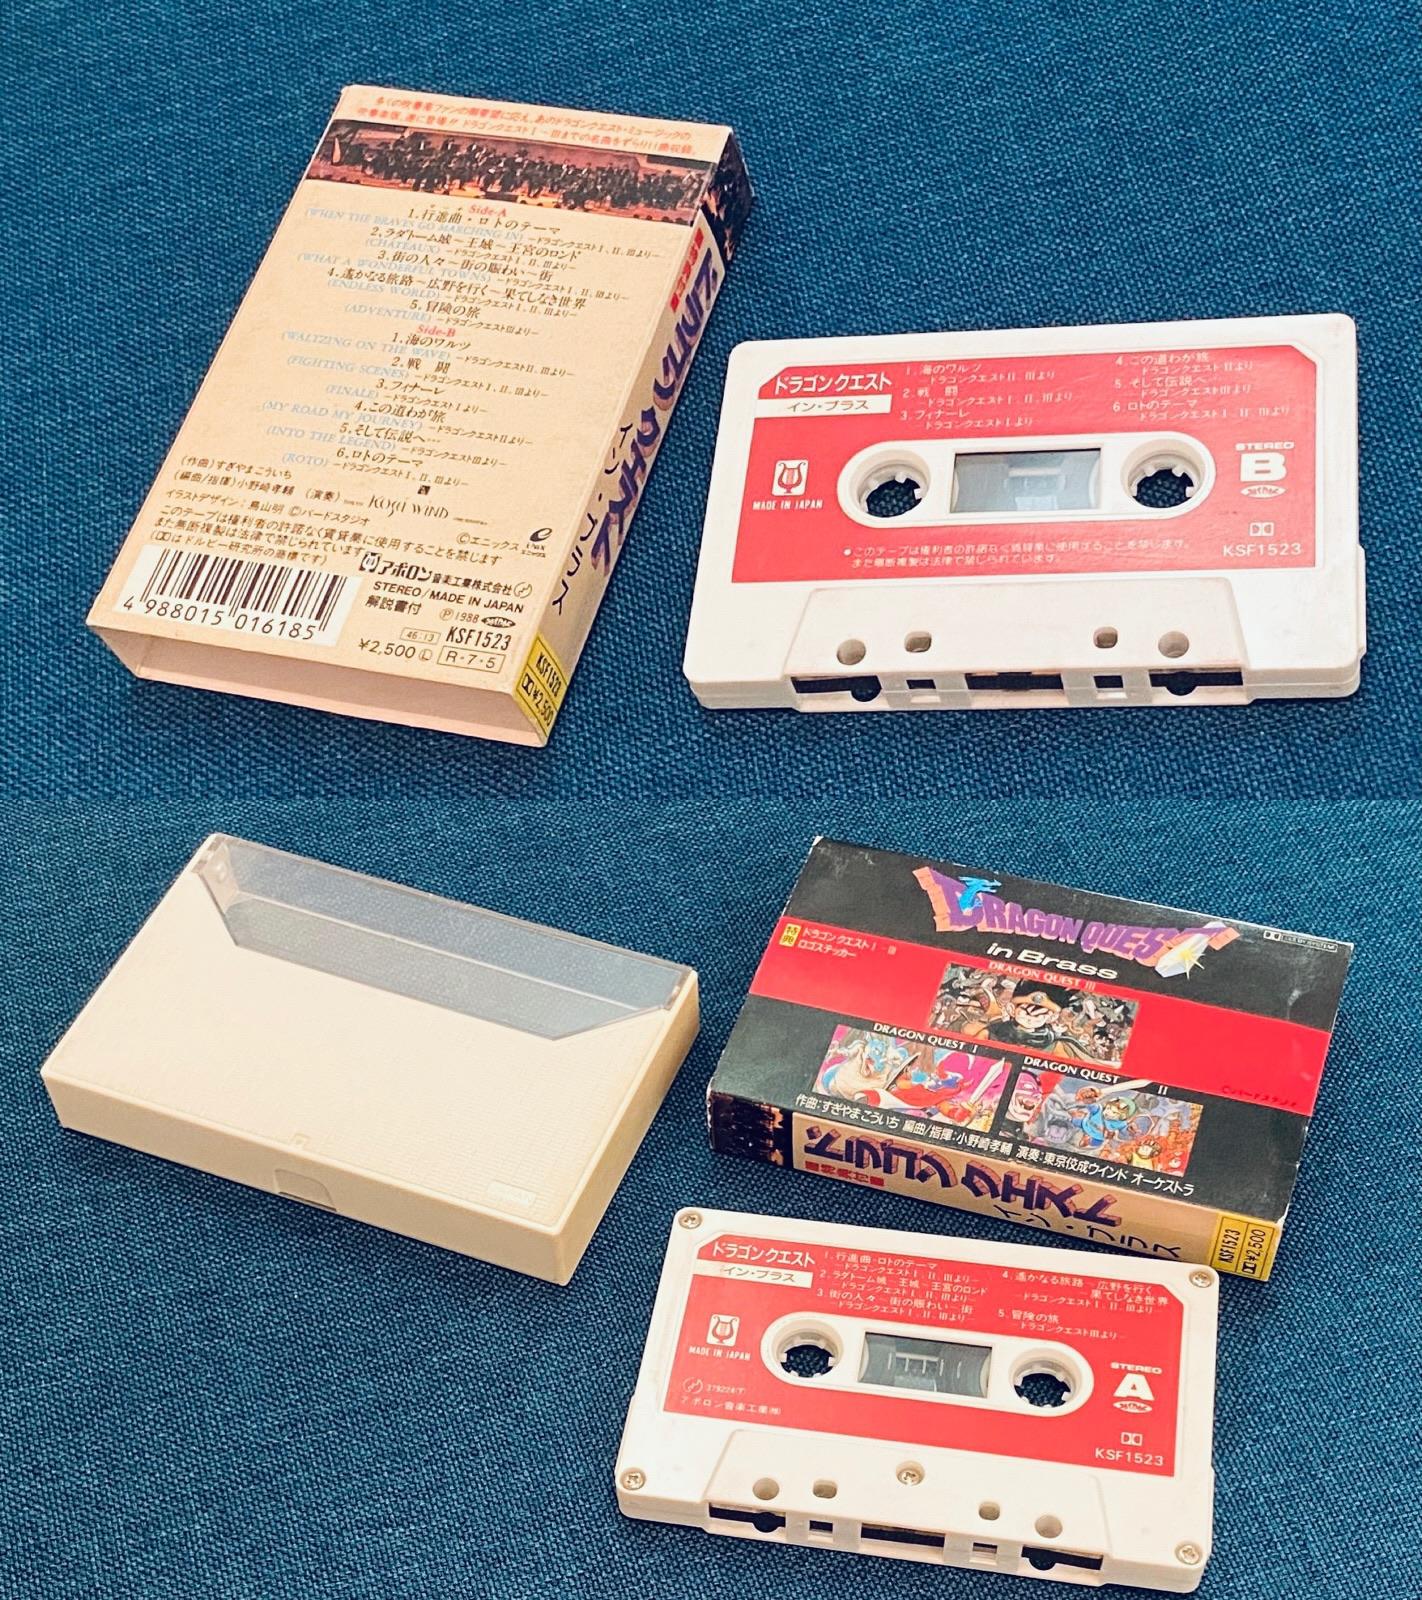 30年ぐらい前のカセットテープ。  「カセット (1988/7/5)」  ドラゴンクエスト・イン・ブラス | ゲーム・ミュージック, 東京佼成ウィンド・オーケストラ | ミュージック | 音楽 https://t.co/B97UaIMpvC https://t.co/KMhsh6x3Rl